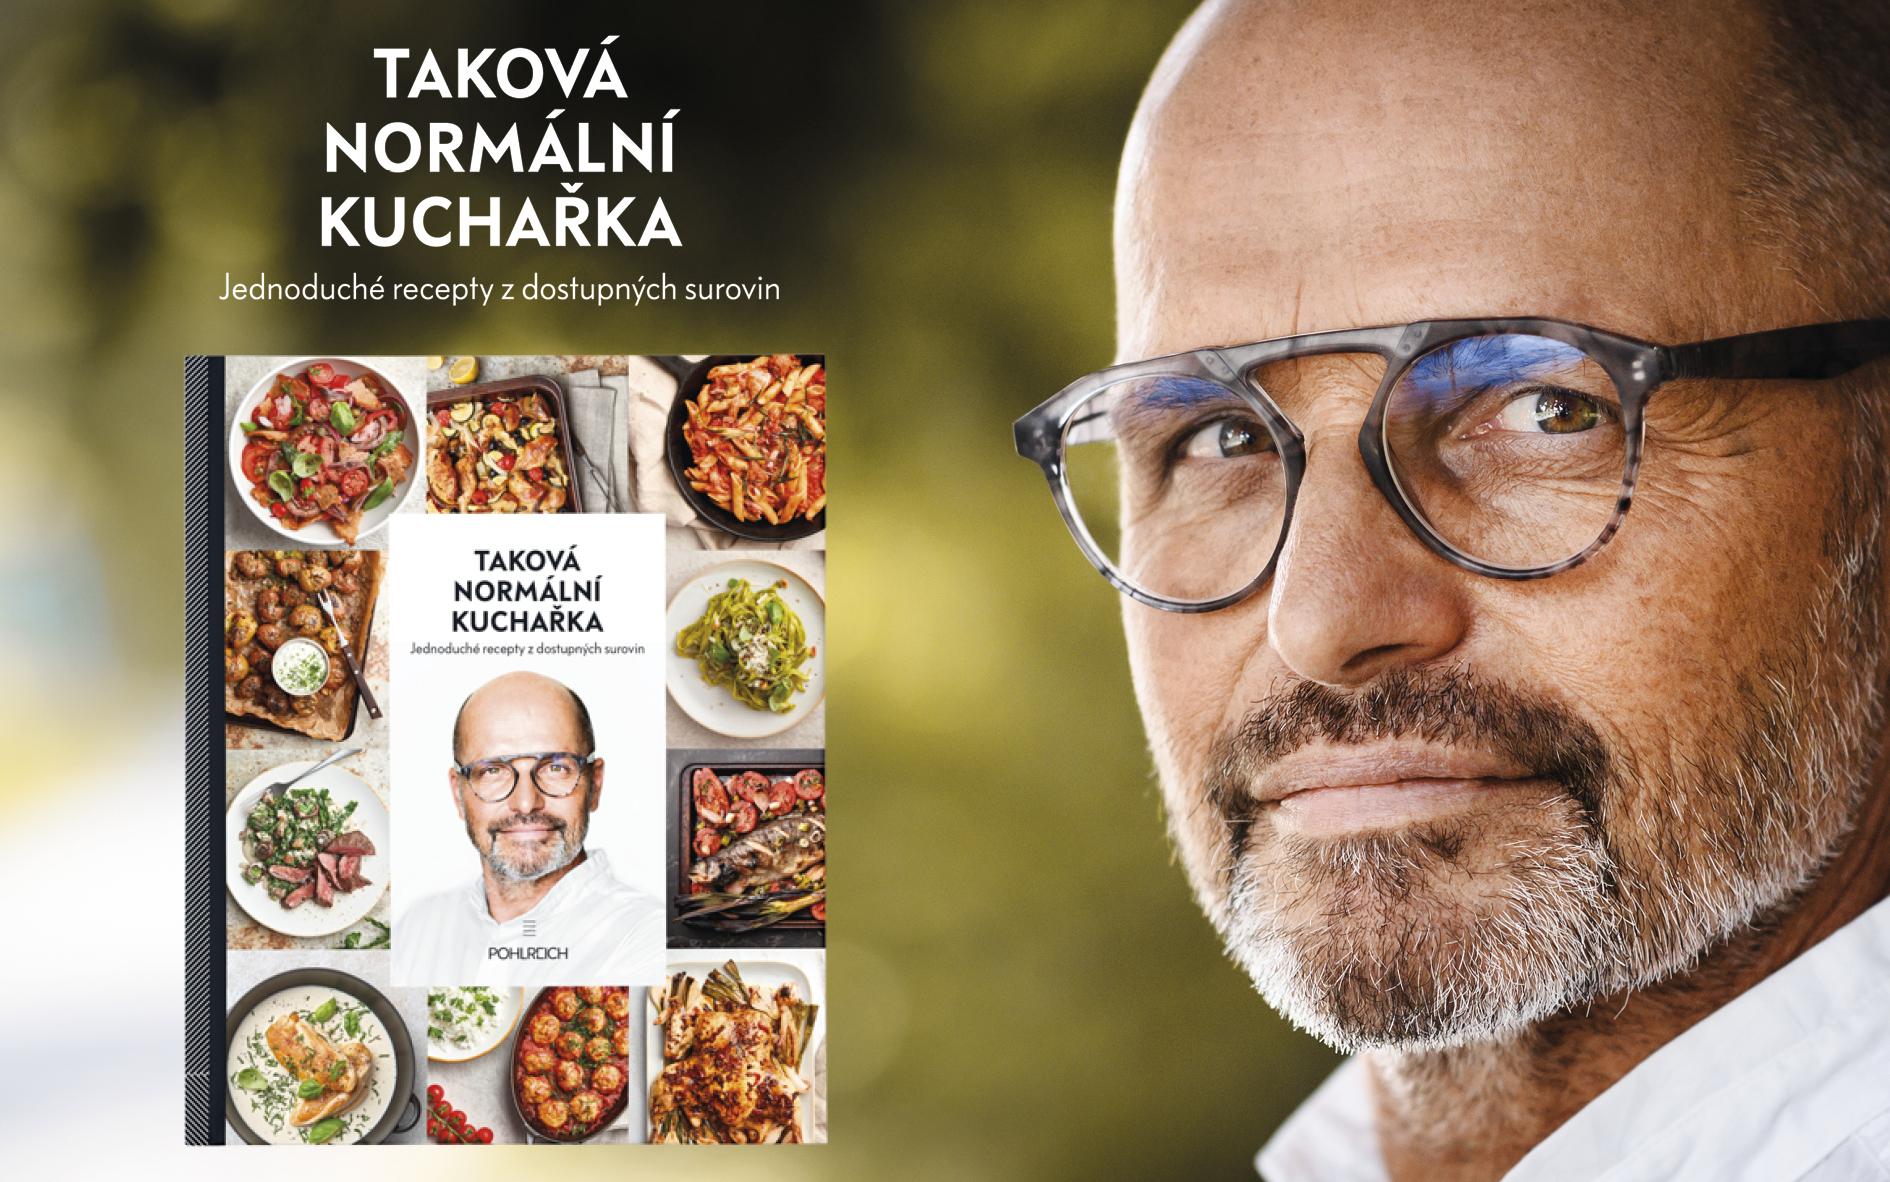 Taková normální kuchařka Zdeněk Pohlreich